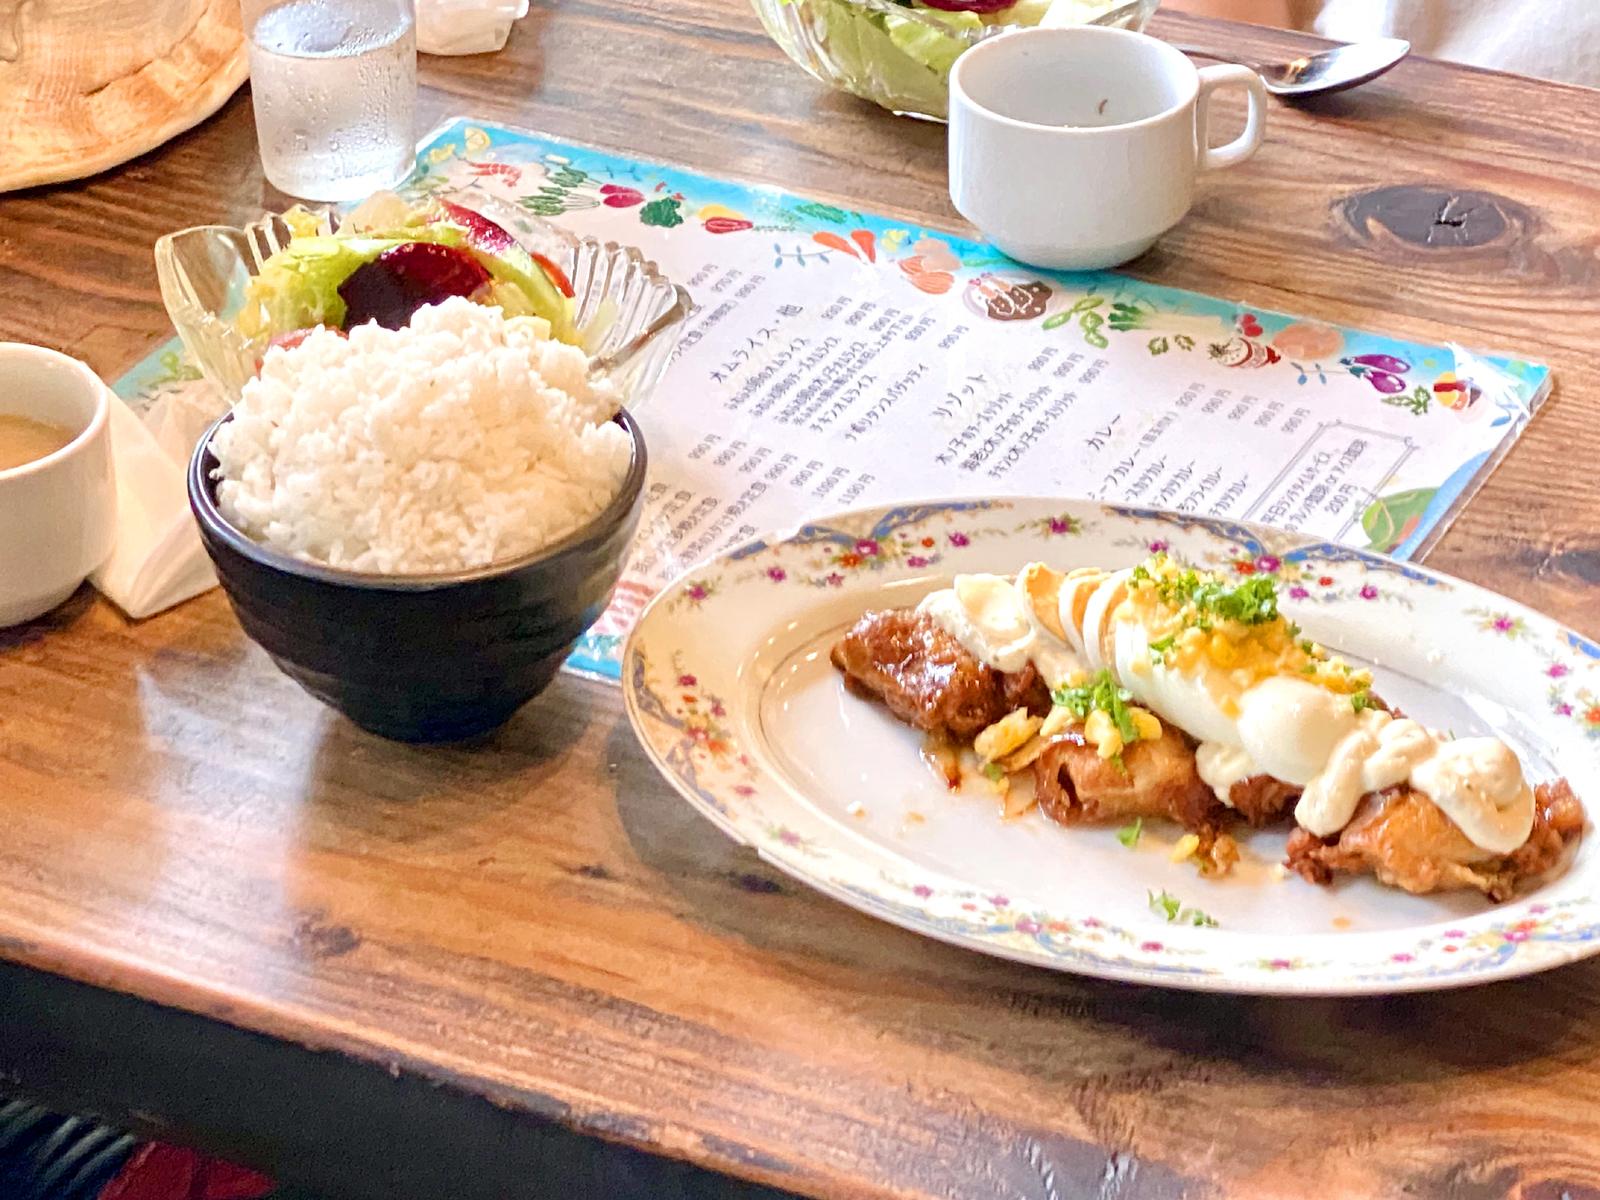 タルタル卵のチキン南蛮定食 990円